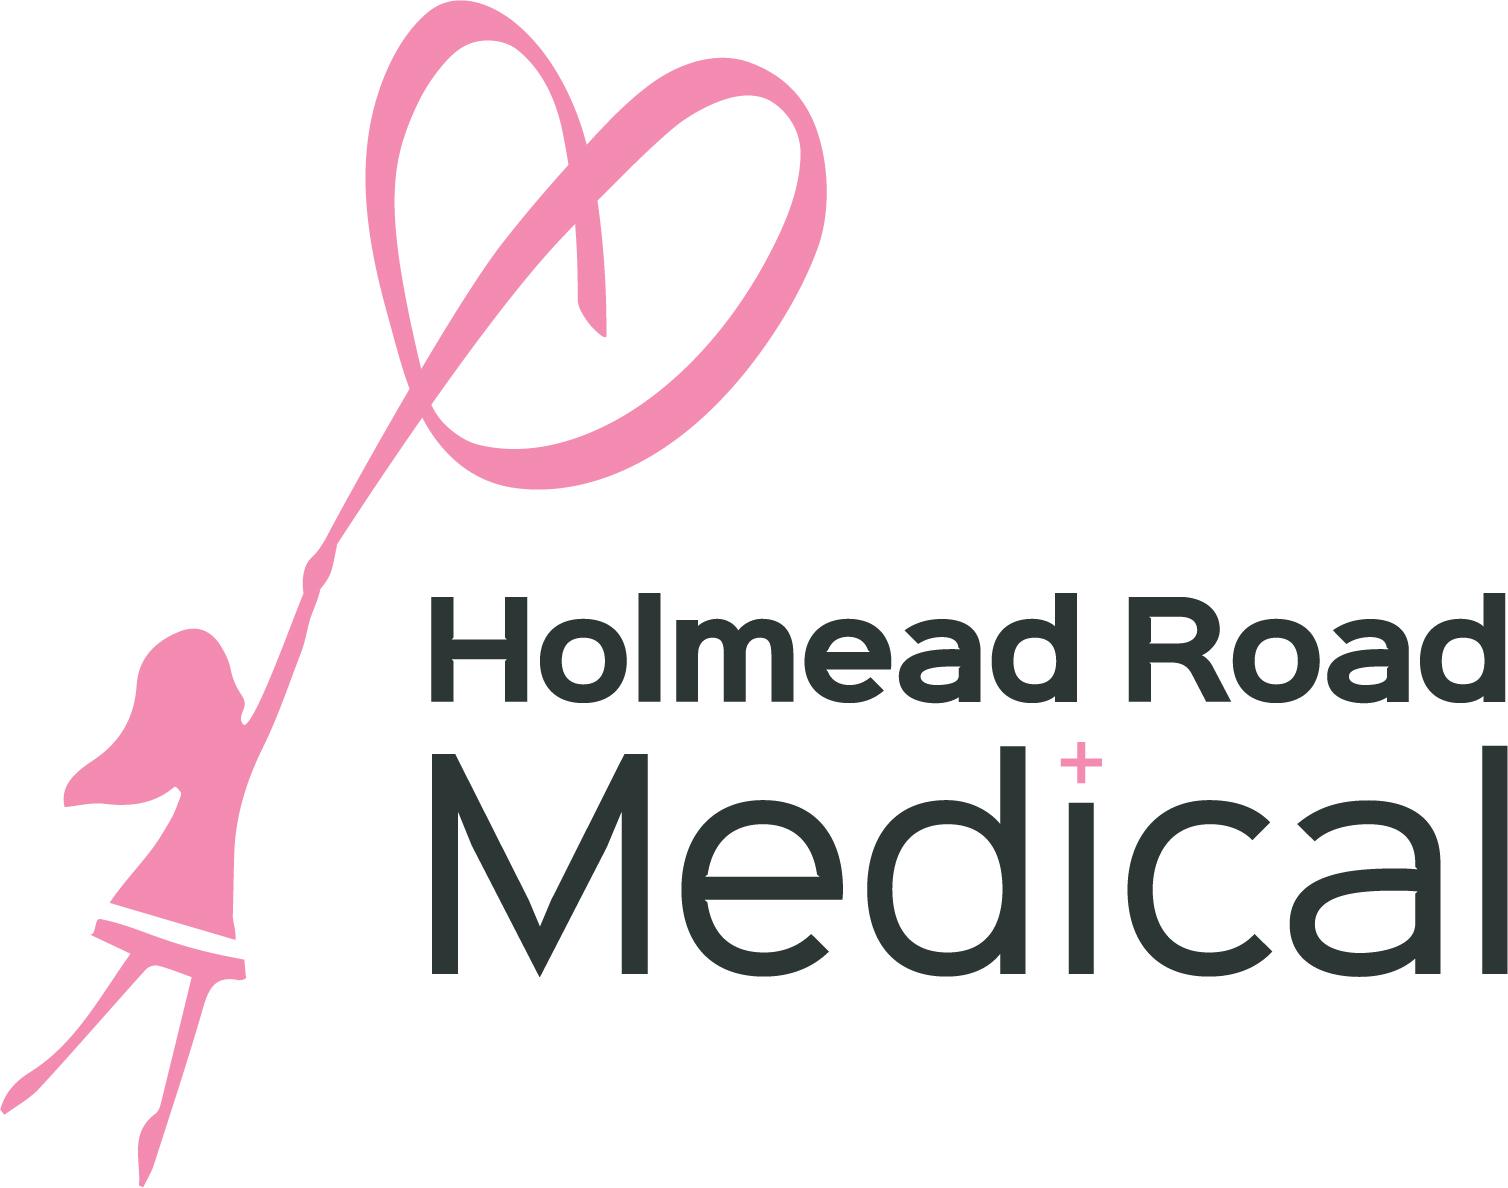 Holmead Road Medical Logo